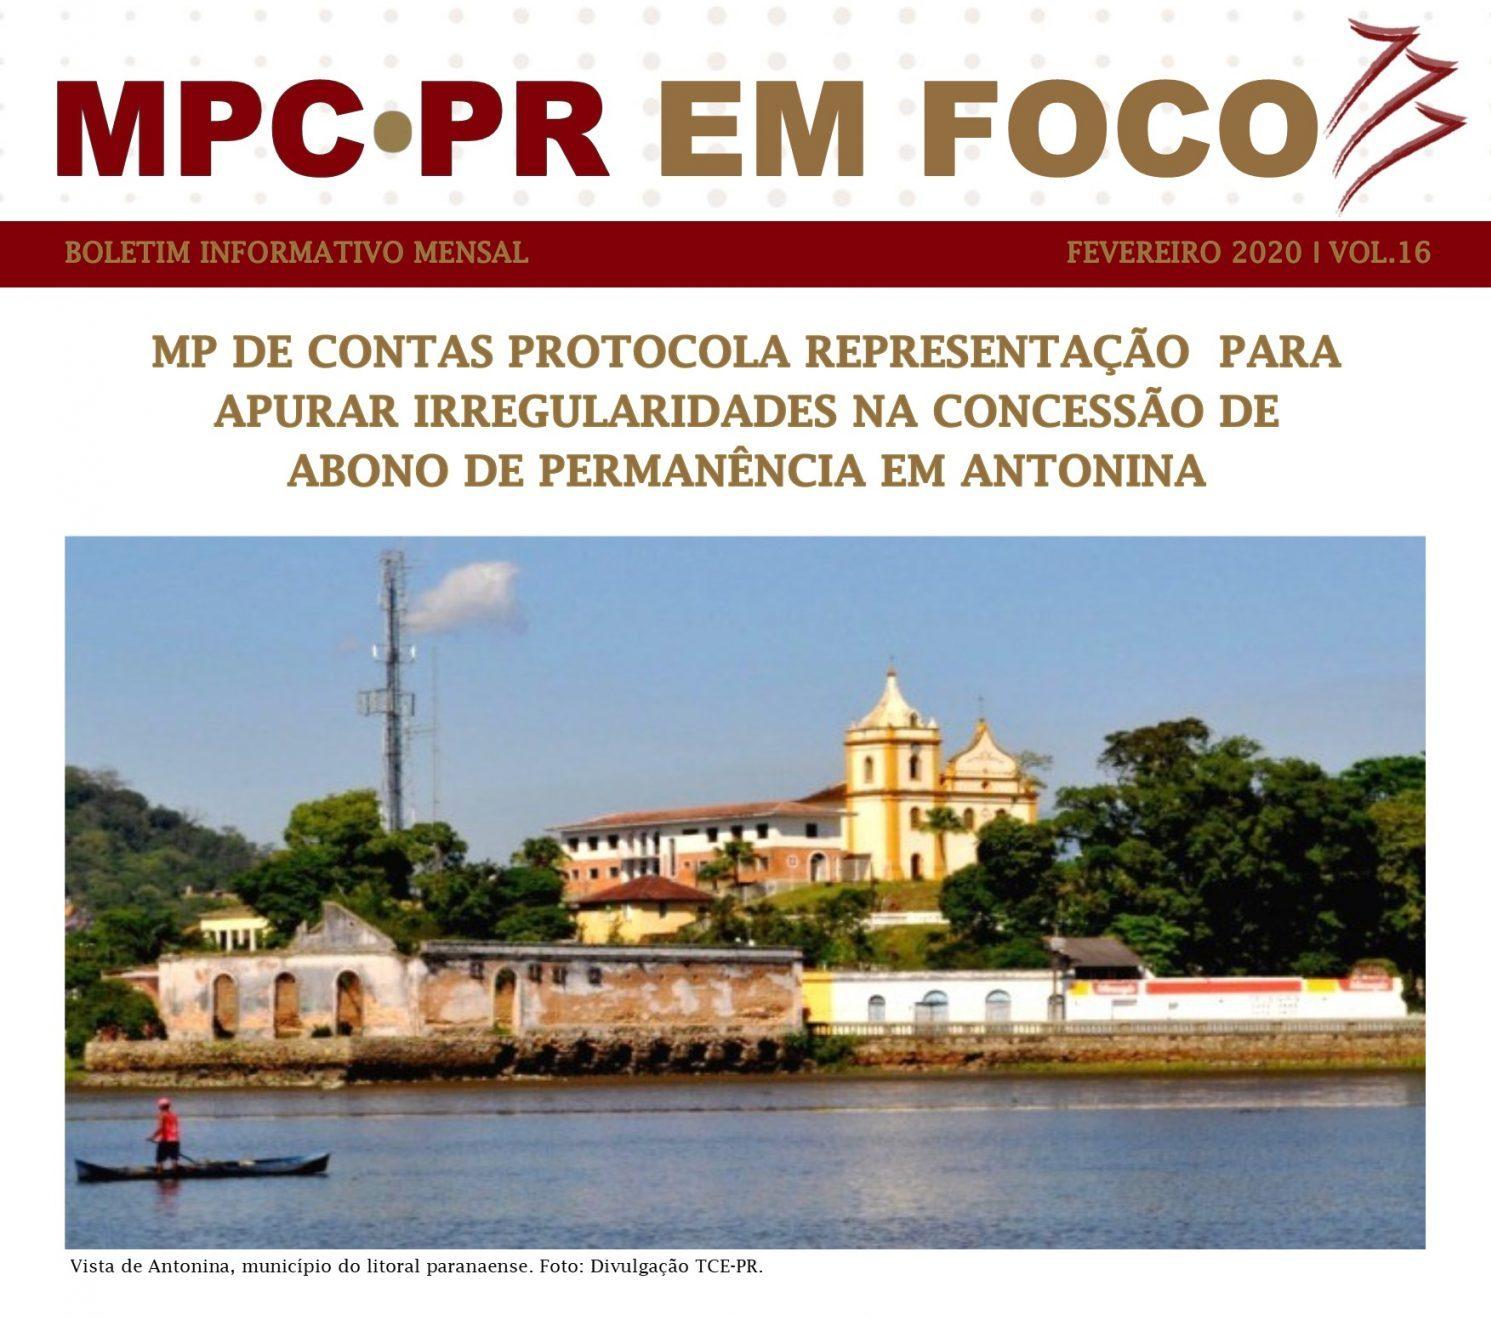 Boletim Informativo MPC-PR em Foco fevereiro/2020